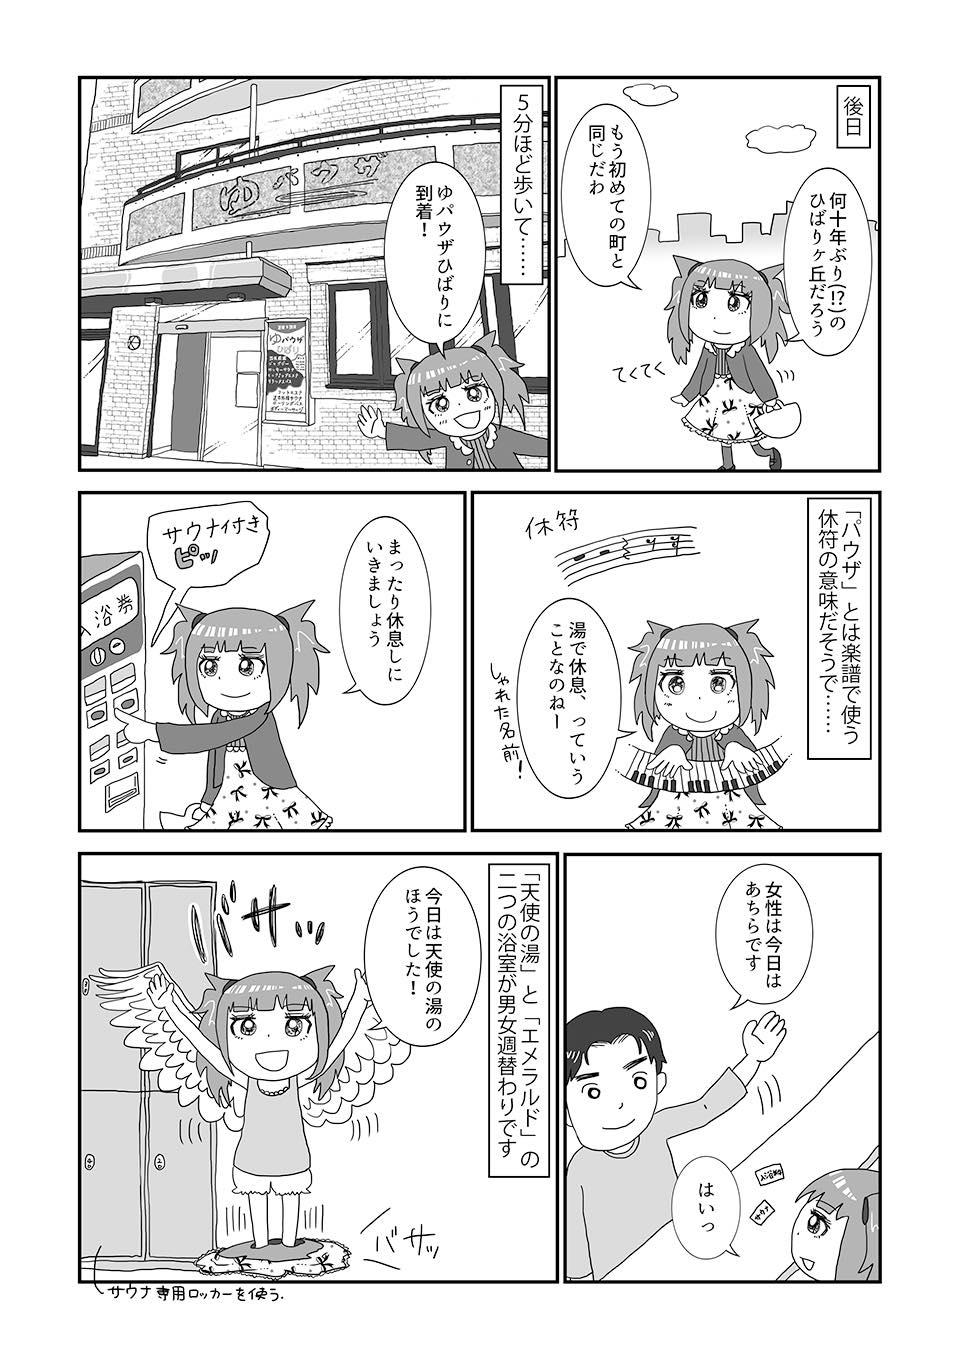 th_ゆパウザひばり02